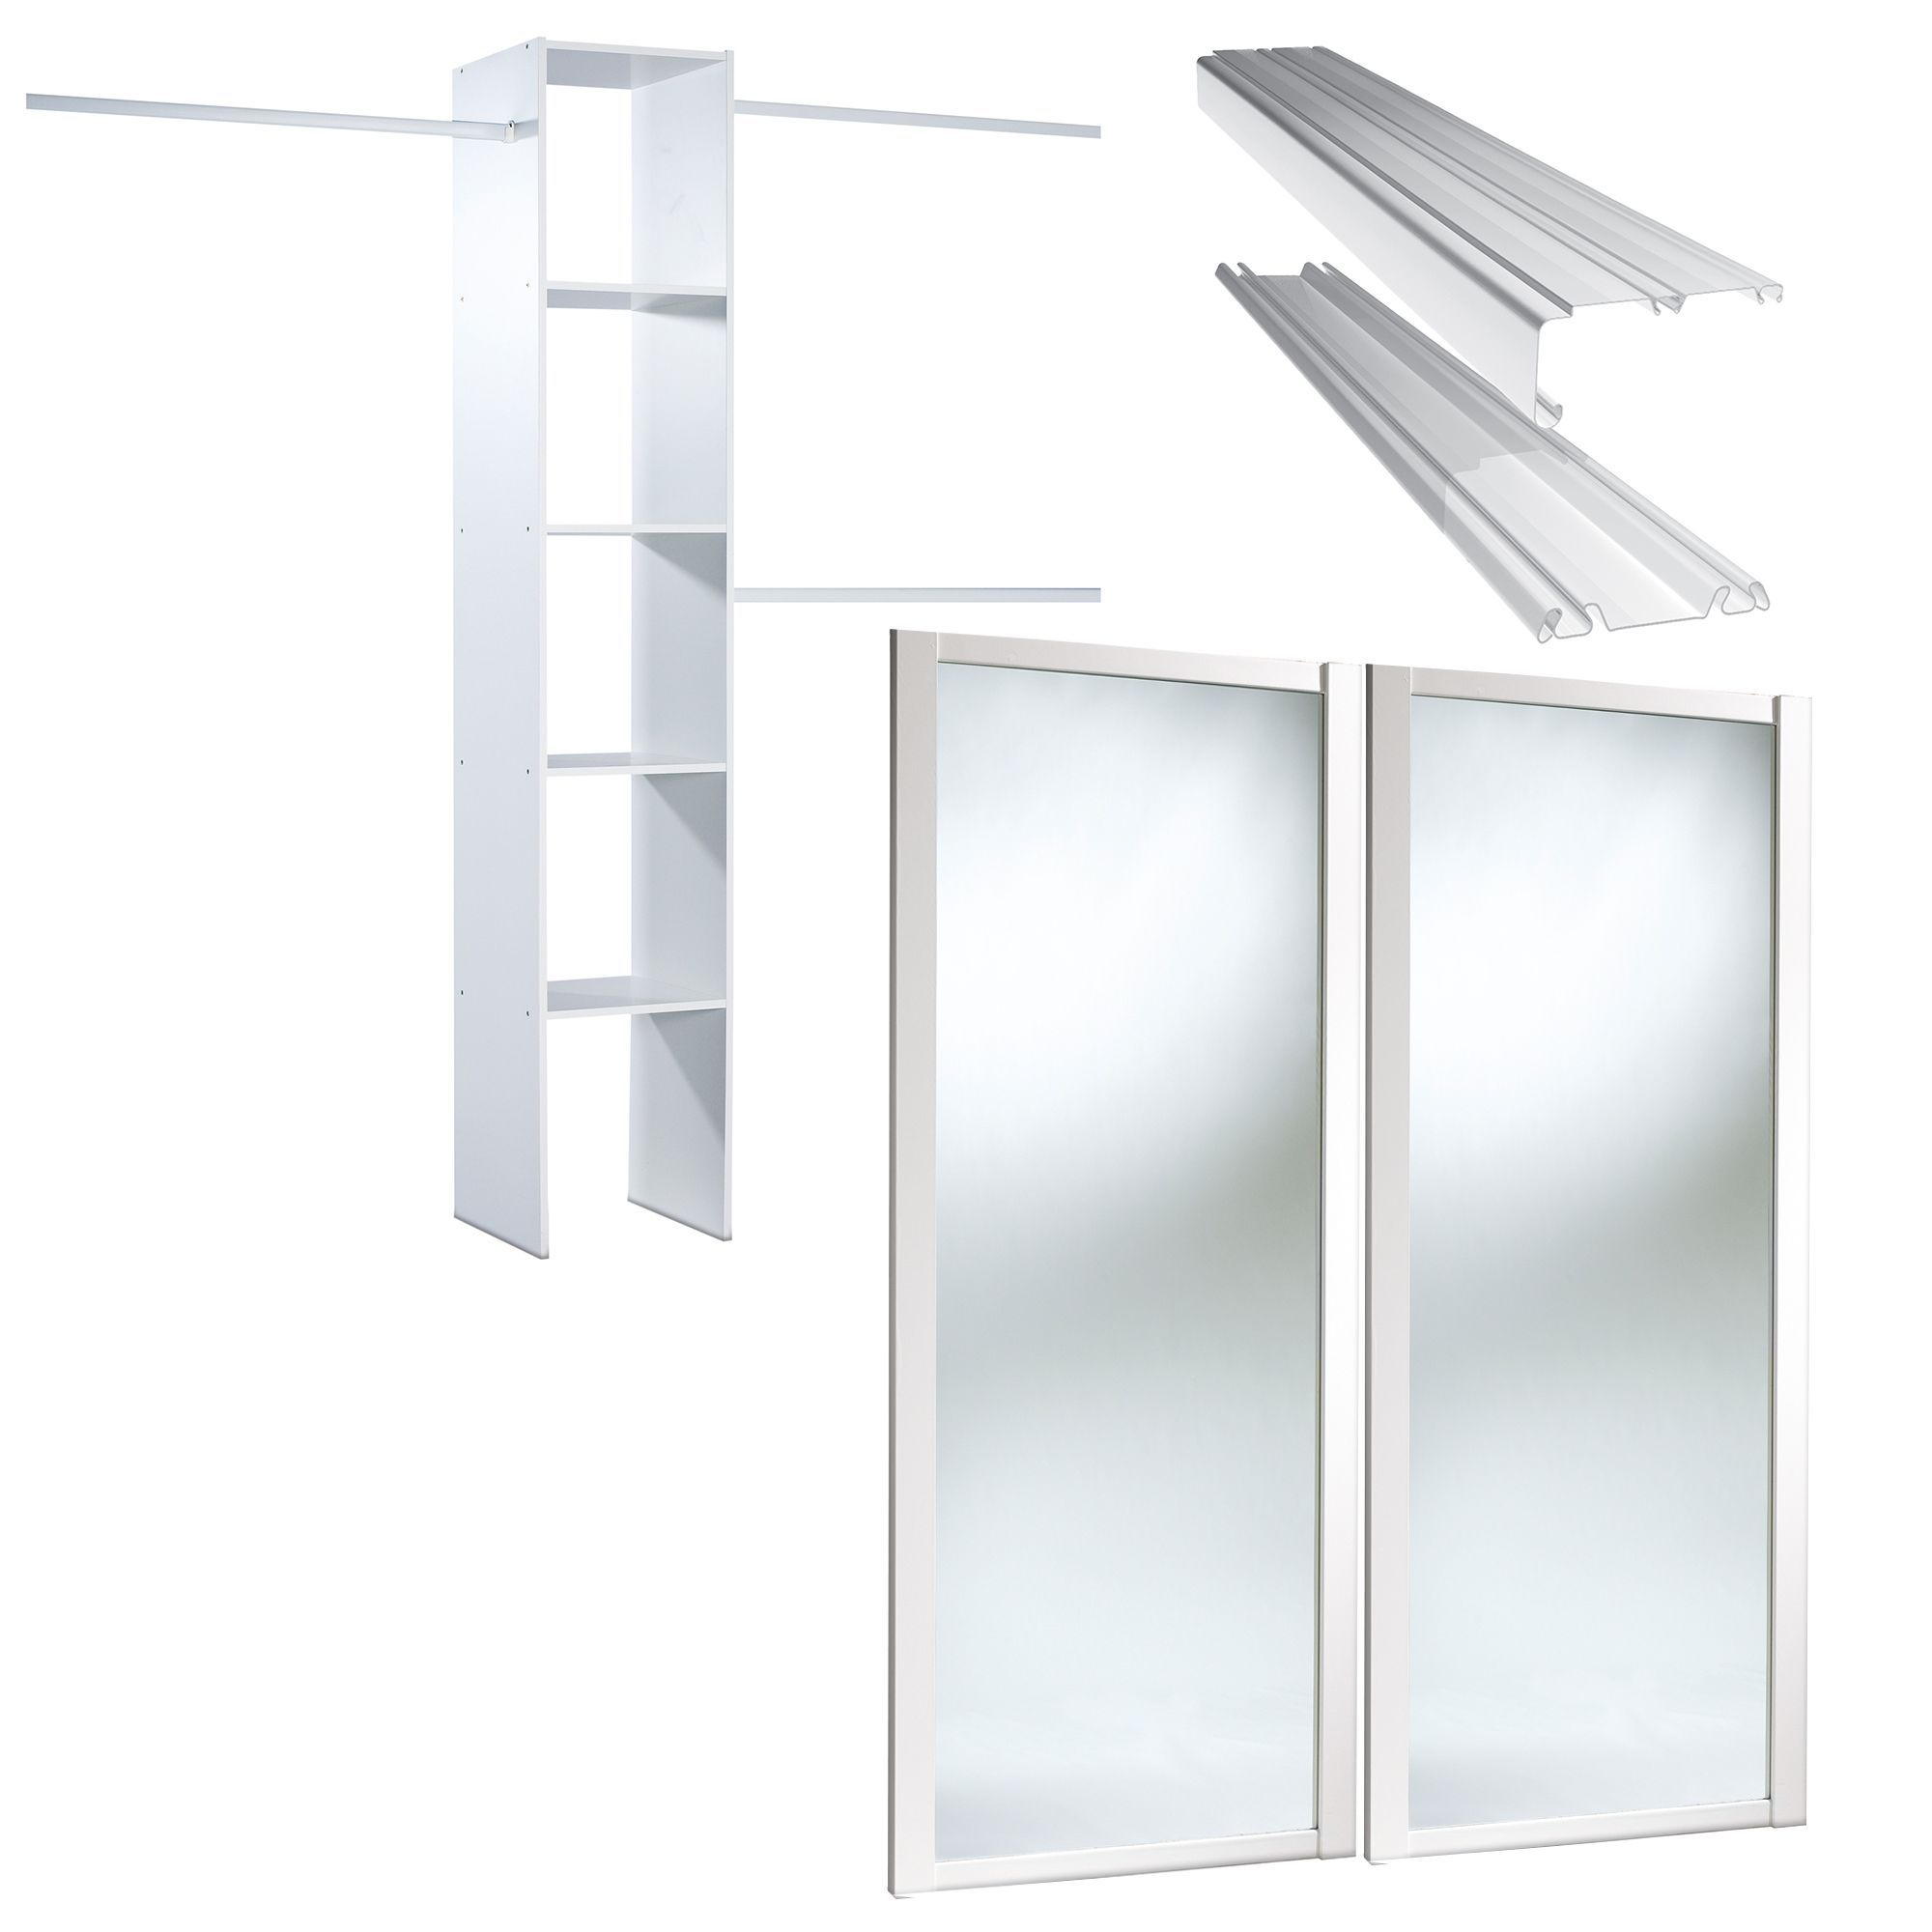 Shaker Full Length Mirror White Mirror Effect Sliding Wardrobe Door Kit (h)2220 Mm (w)1200mm